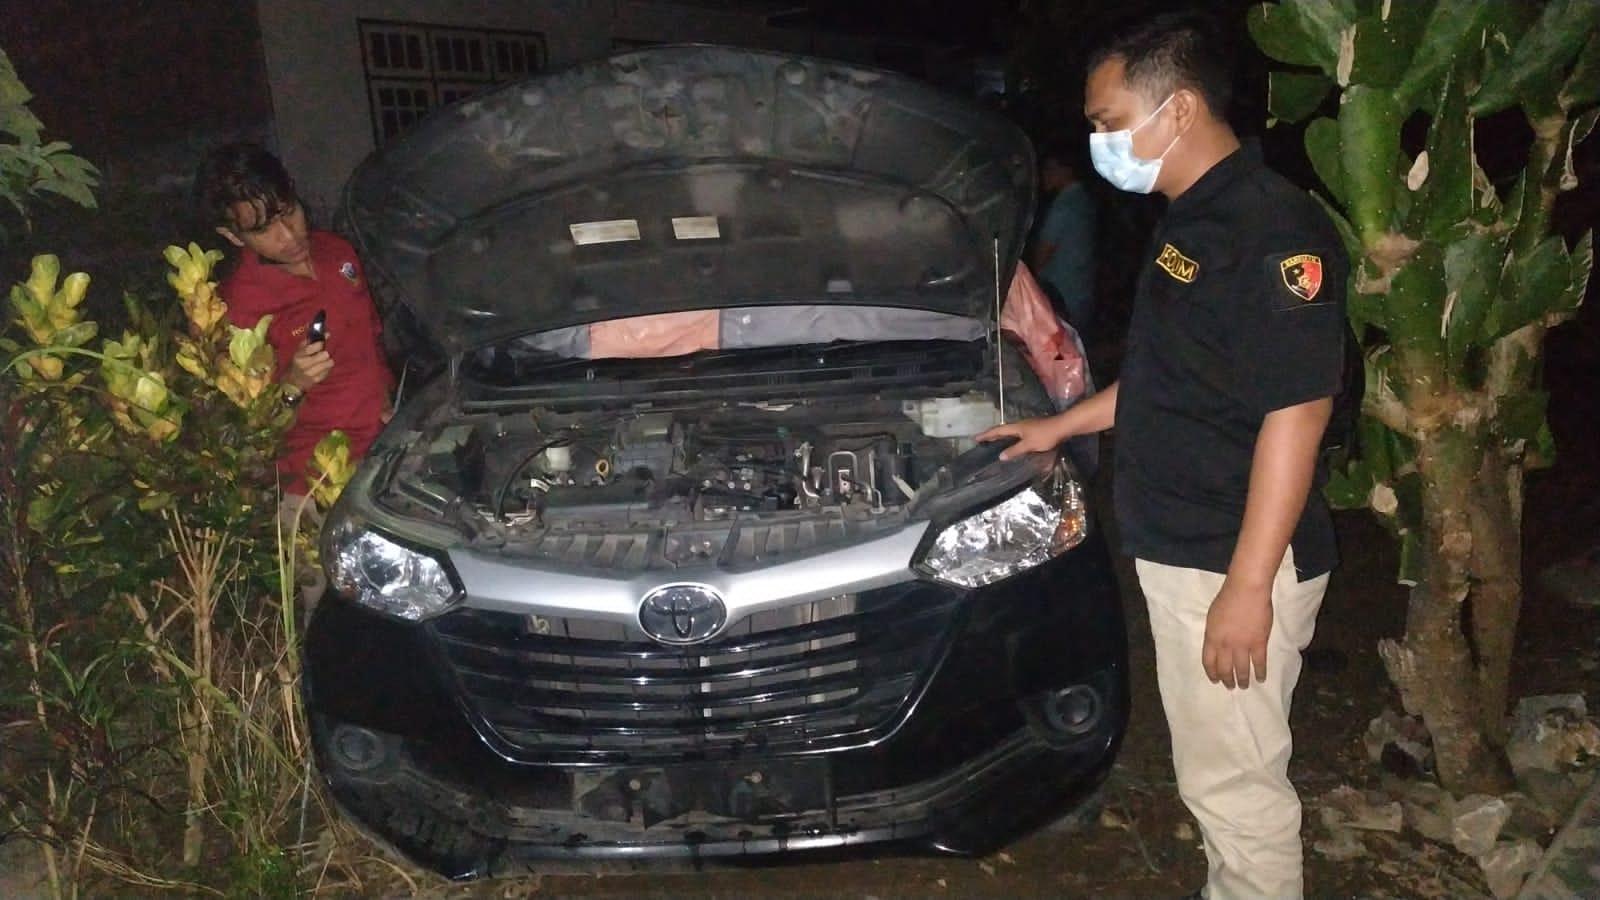 Gelapkan Mobil, Warga Guguak Ditangkap Polisi